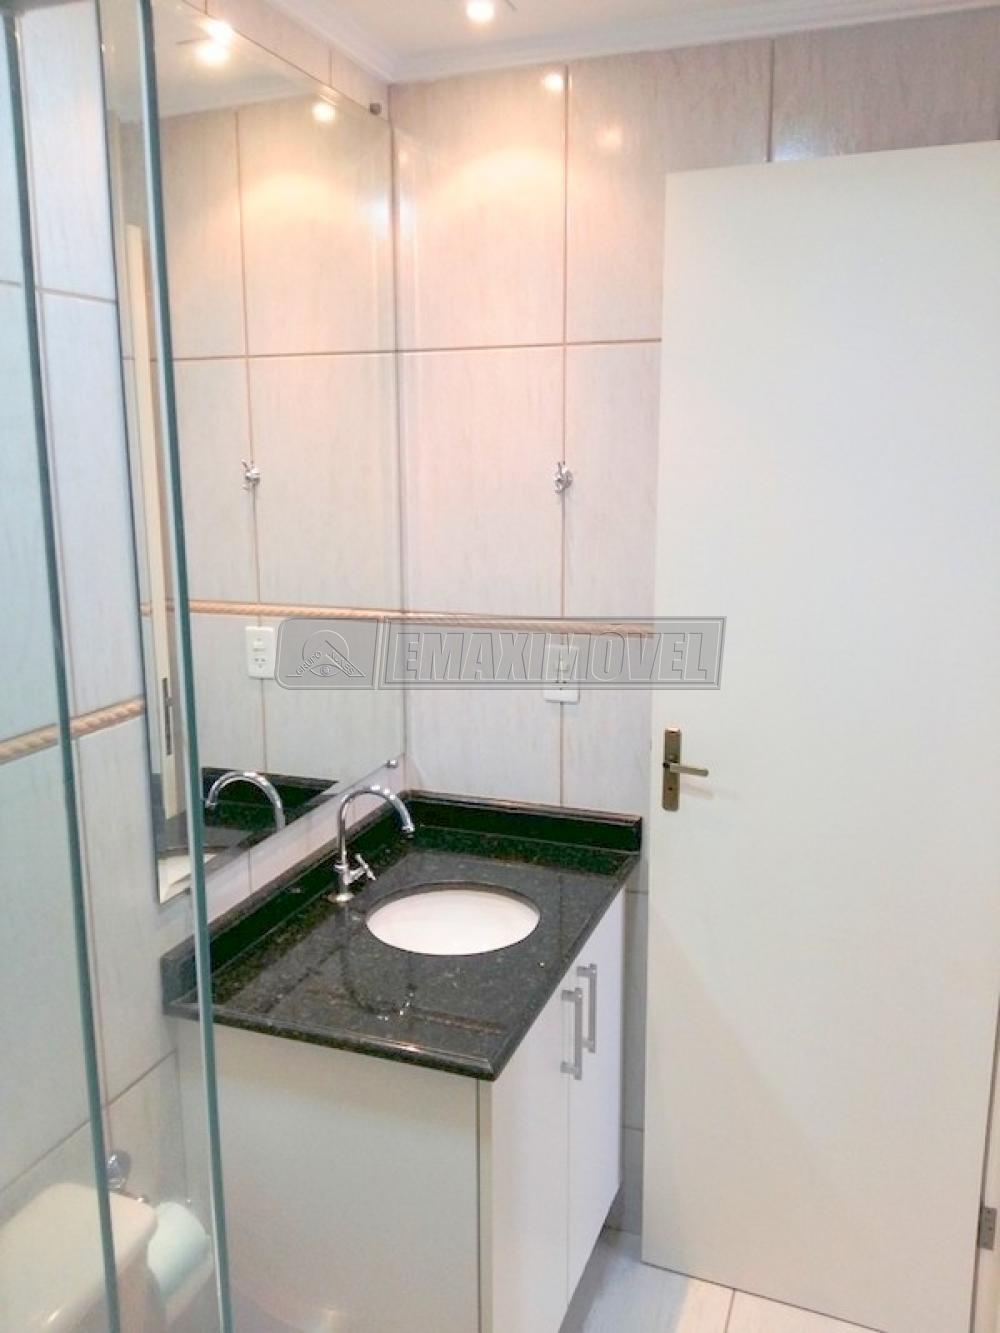 Comprar Apartamentos / Apto Padrão em Sorocaba apenas R$ 277.000,00 - Foto 18